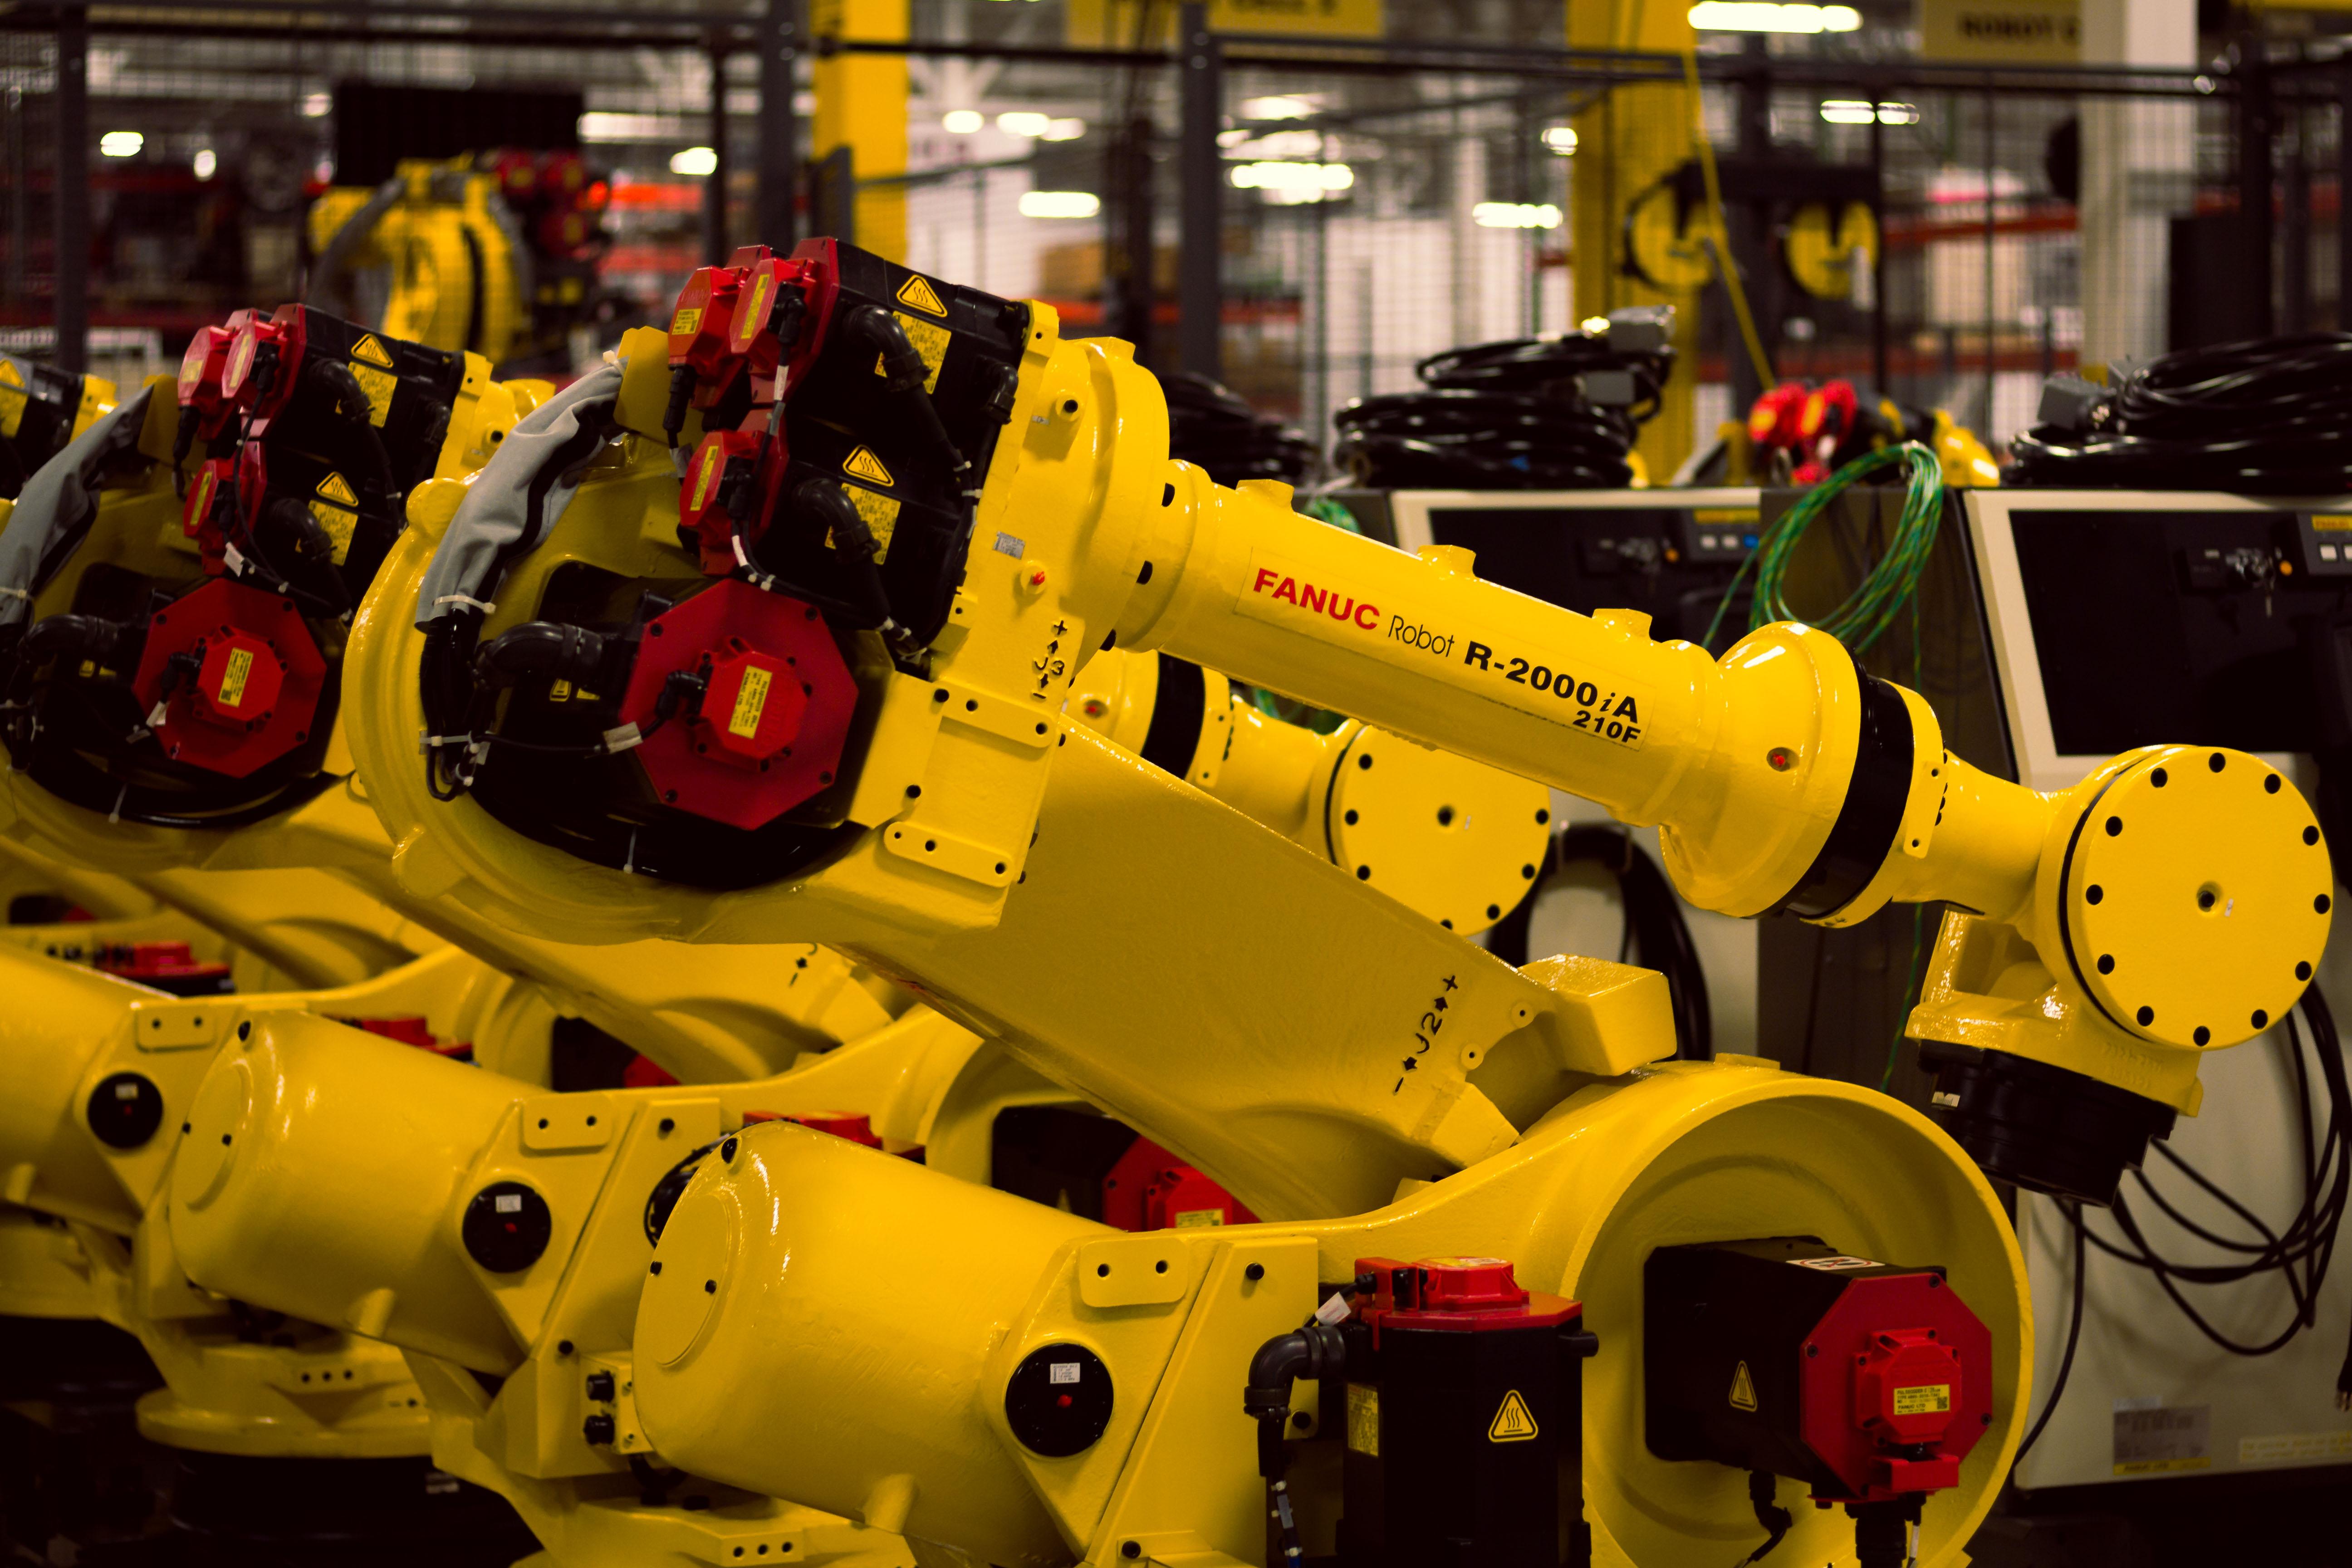 Fanuc Robots - ICR Services